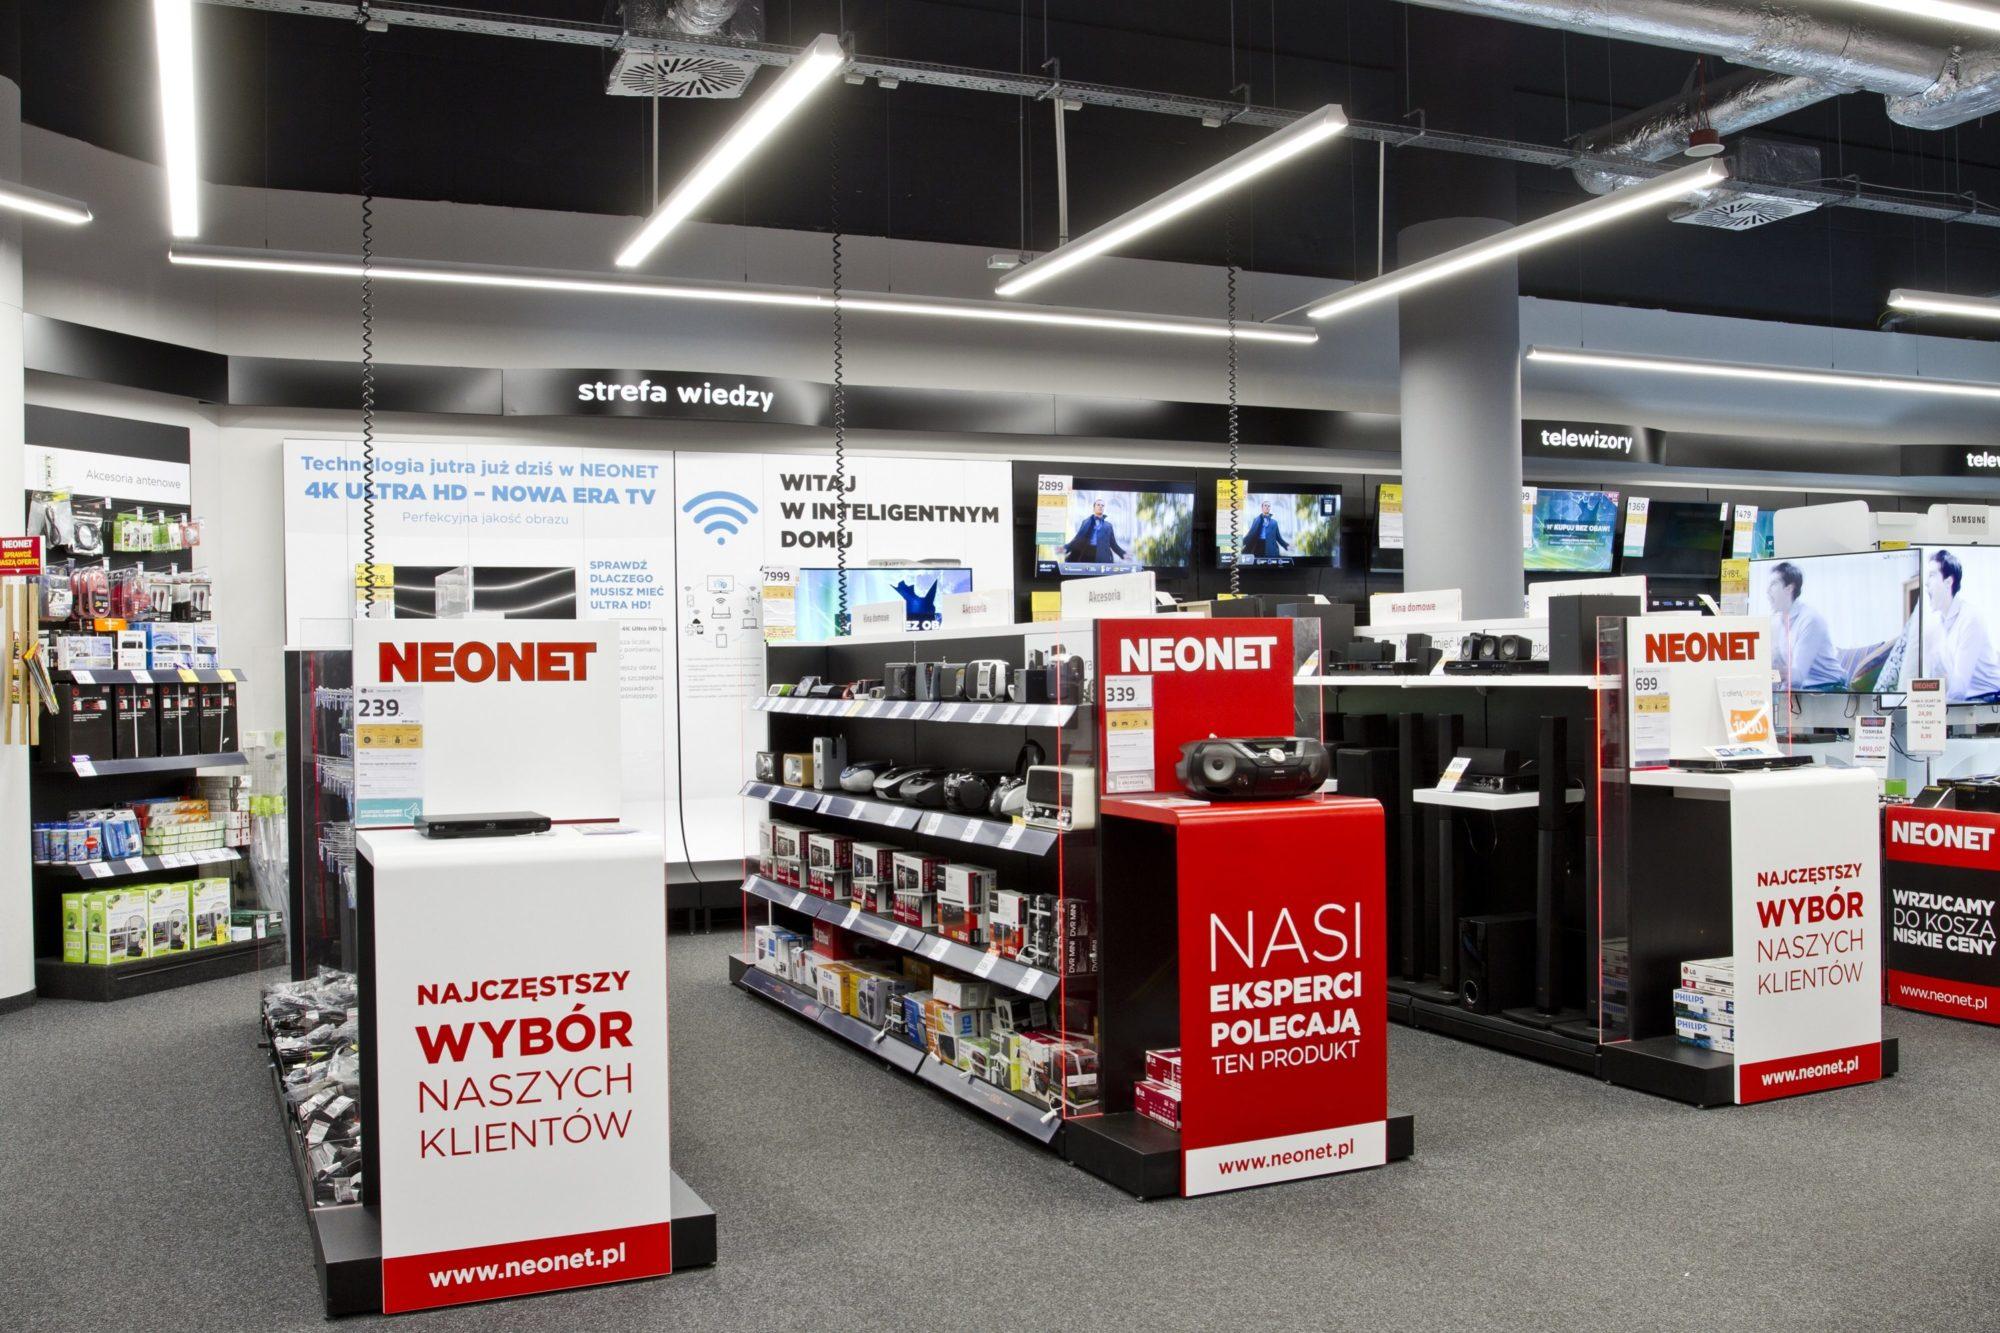 część sprzedażowa sklepu Neonet